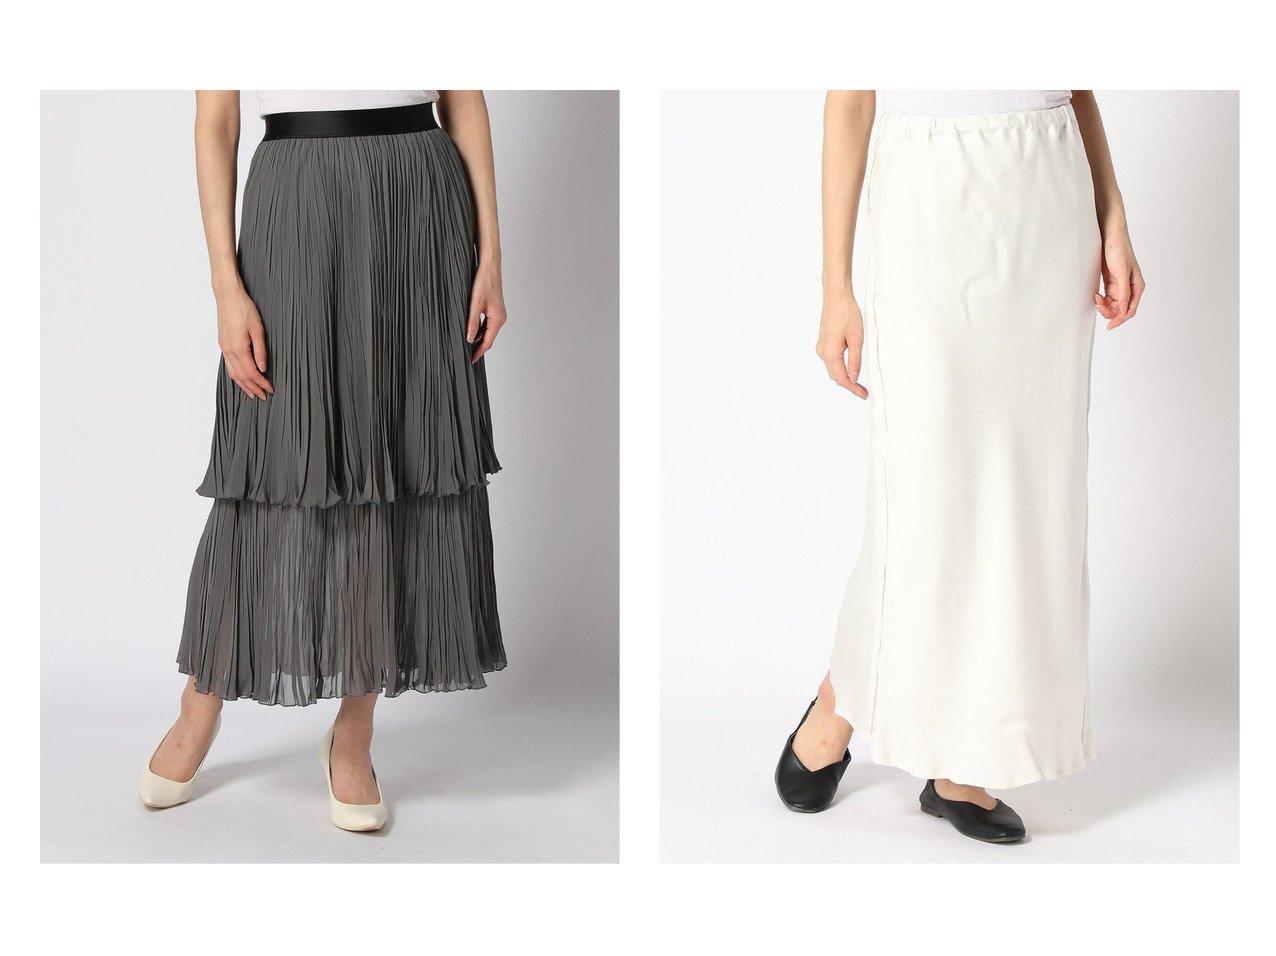 【Plage/プラージュ】のCuサテンSK Re&【Spick & Span/スピック&スパン】のティアードプリーツスカート スカートのおすすめ!人気、トレンド・レディースファッションの通販 おすすめで人気の流行・トレンド、ファッションの通販商品 メンズファッション・キッズファッション・インテリア・家具・レディースファッション・服の通販 founy(ファニー) https://founy.com/ ファッション Fashion レディースファッション WOMEN スカート Skirt プリーツスカート Pleated Skirts ロングスカート Long Skirt ギャザー ティアード ティアードスカート バランス フレア プリーツ ロング A/W 秋冬 AW Autumn/Winter / FW Fall-Winter 2020年 2020 2020-2021 秋冬 A/W AW Autumn/Winter / FW Fall-Winter 2020-2021 サテン シンプル 人気 再入荷 Restock/Back in Stock/Re Arrival |ID:crp329100000013411